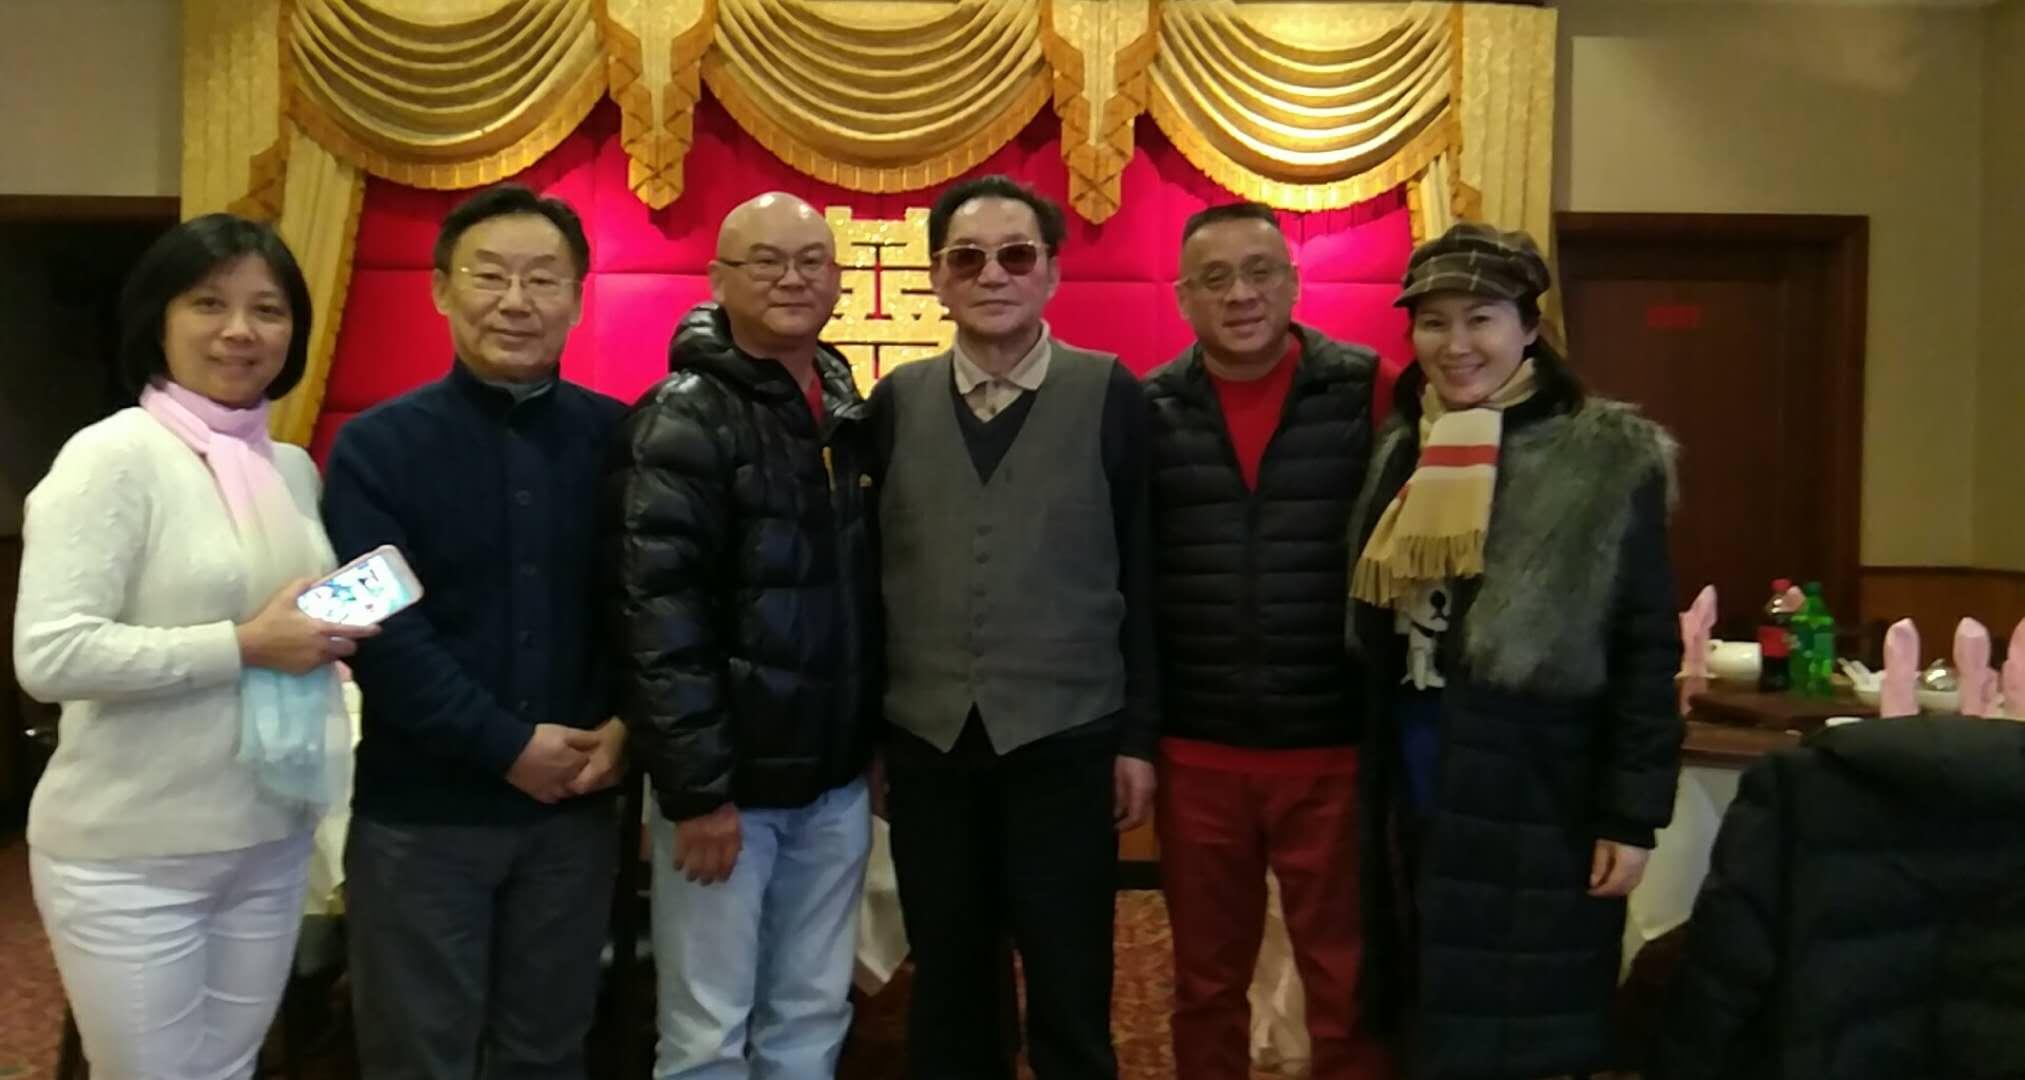 从左:吴伊娜,陈新章,树志明,李思连,邬素斐均来自上海越剧院